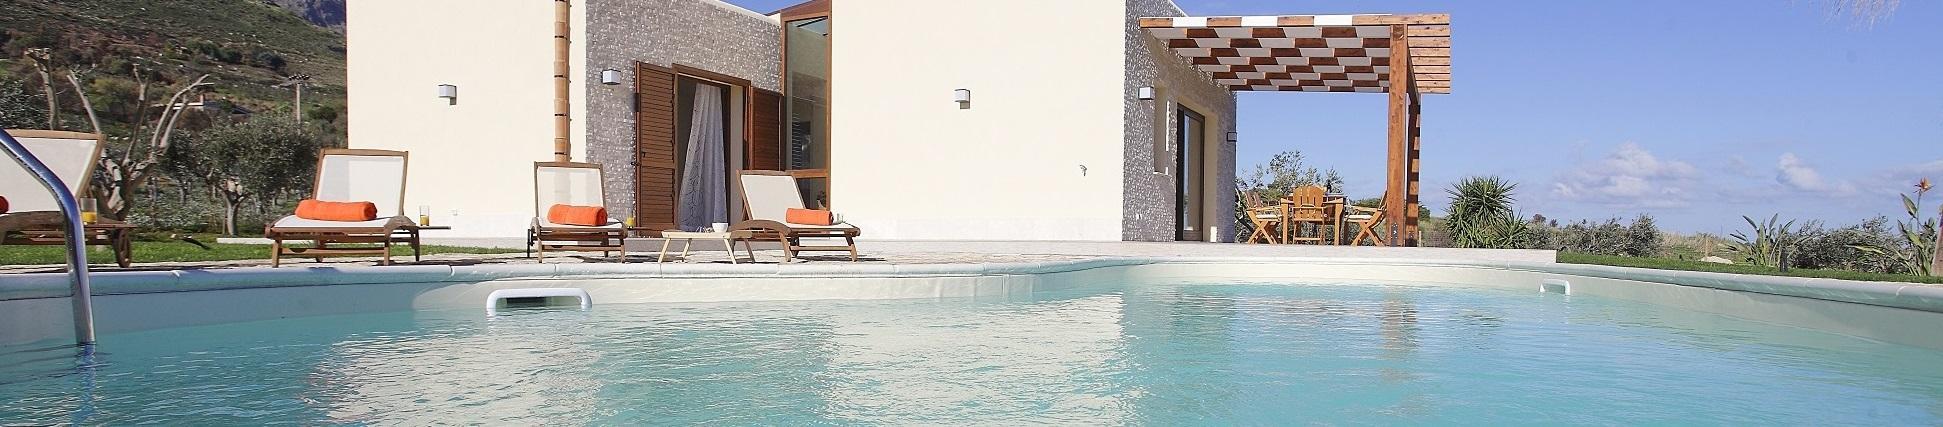 Ville in Sicilia con piscina vicino Scopello